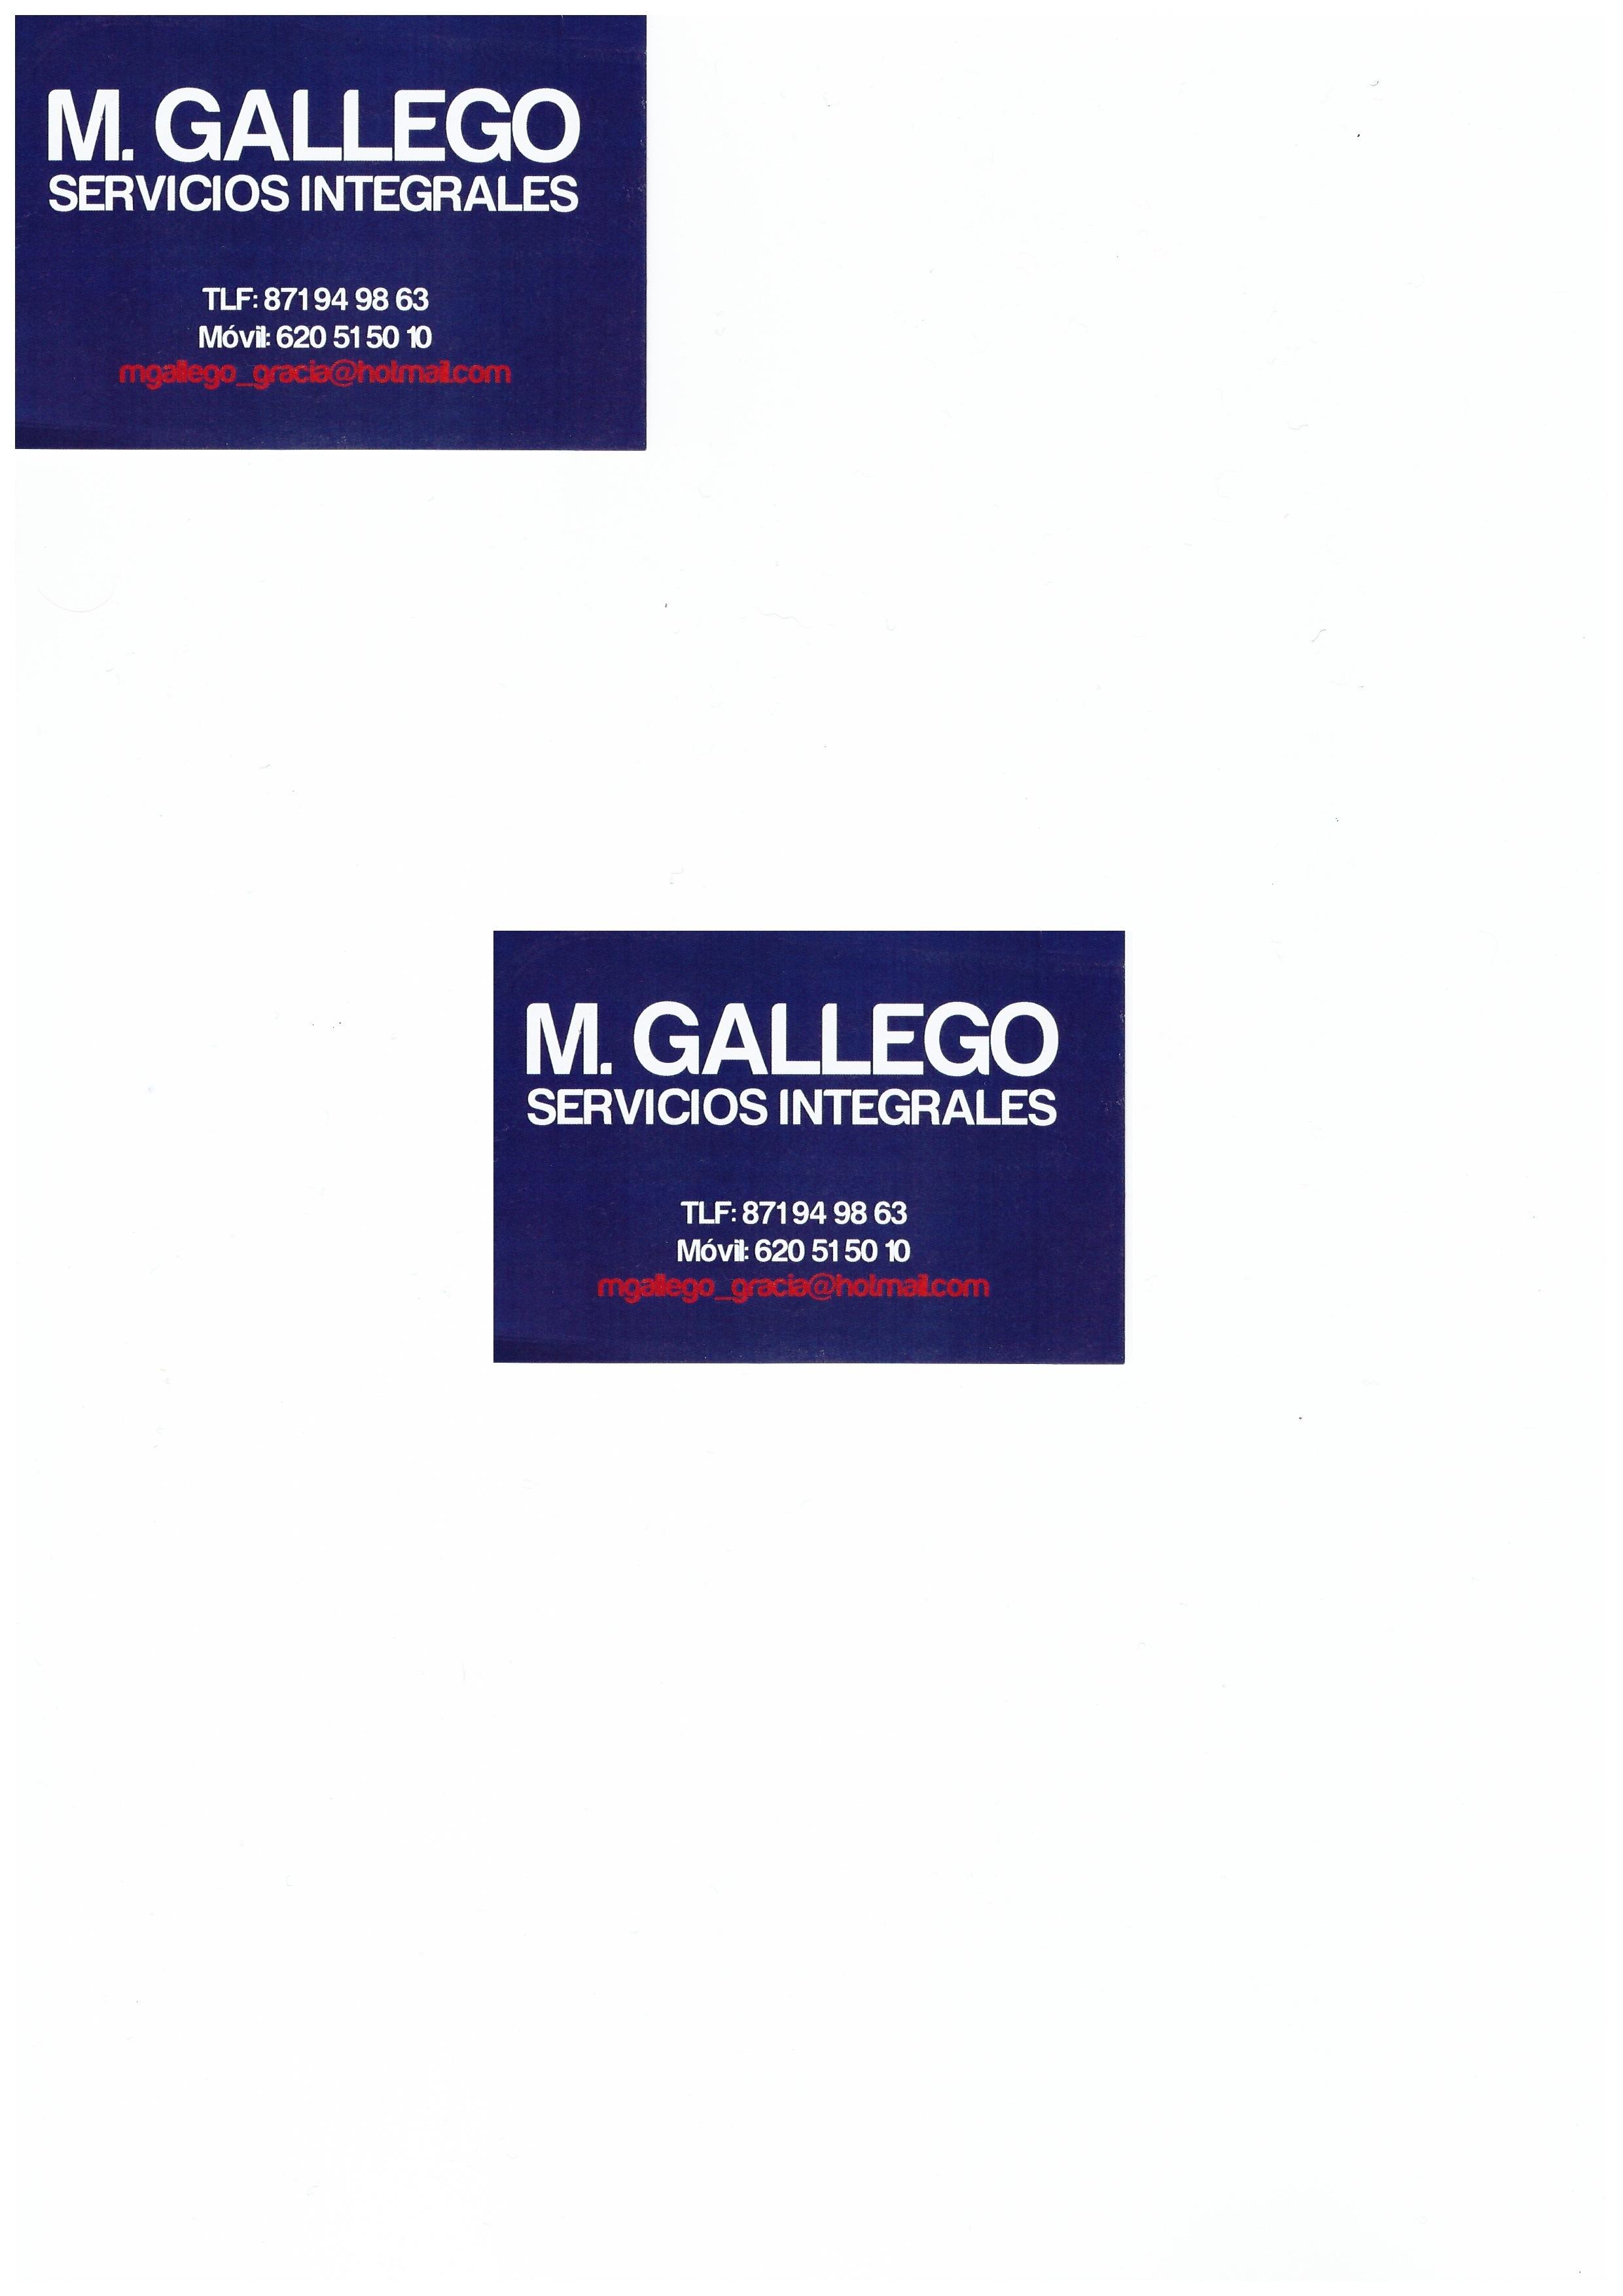 M Gallego